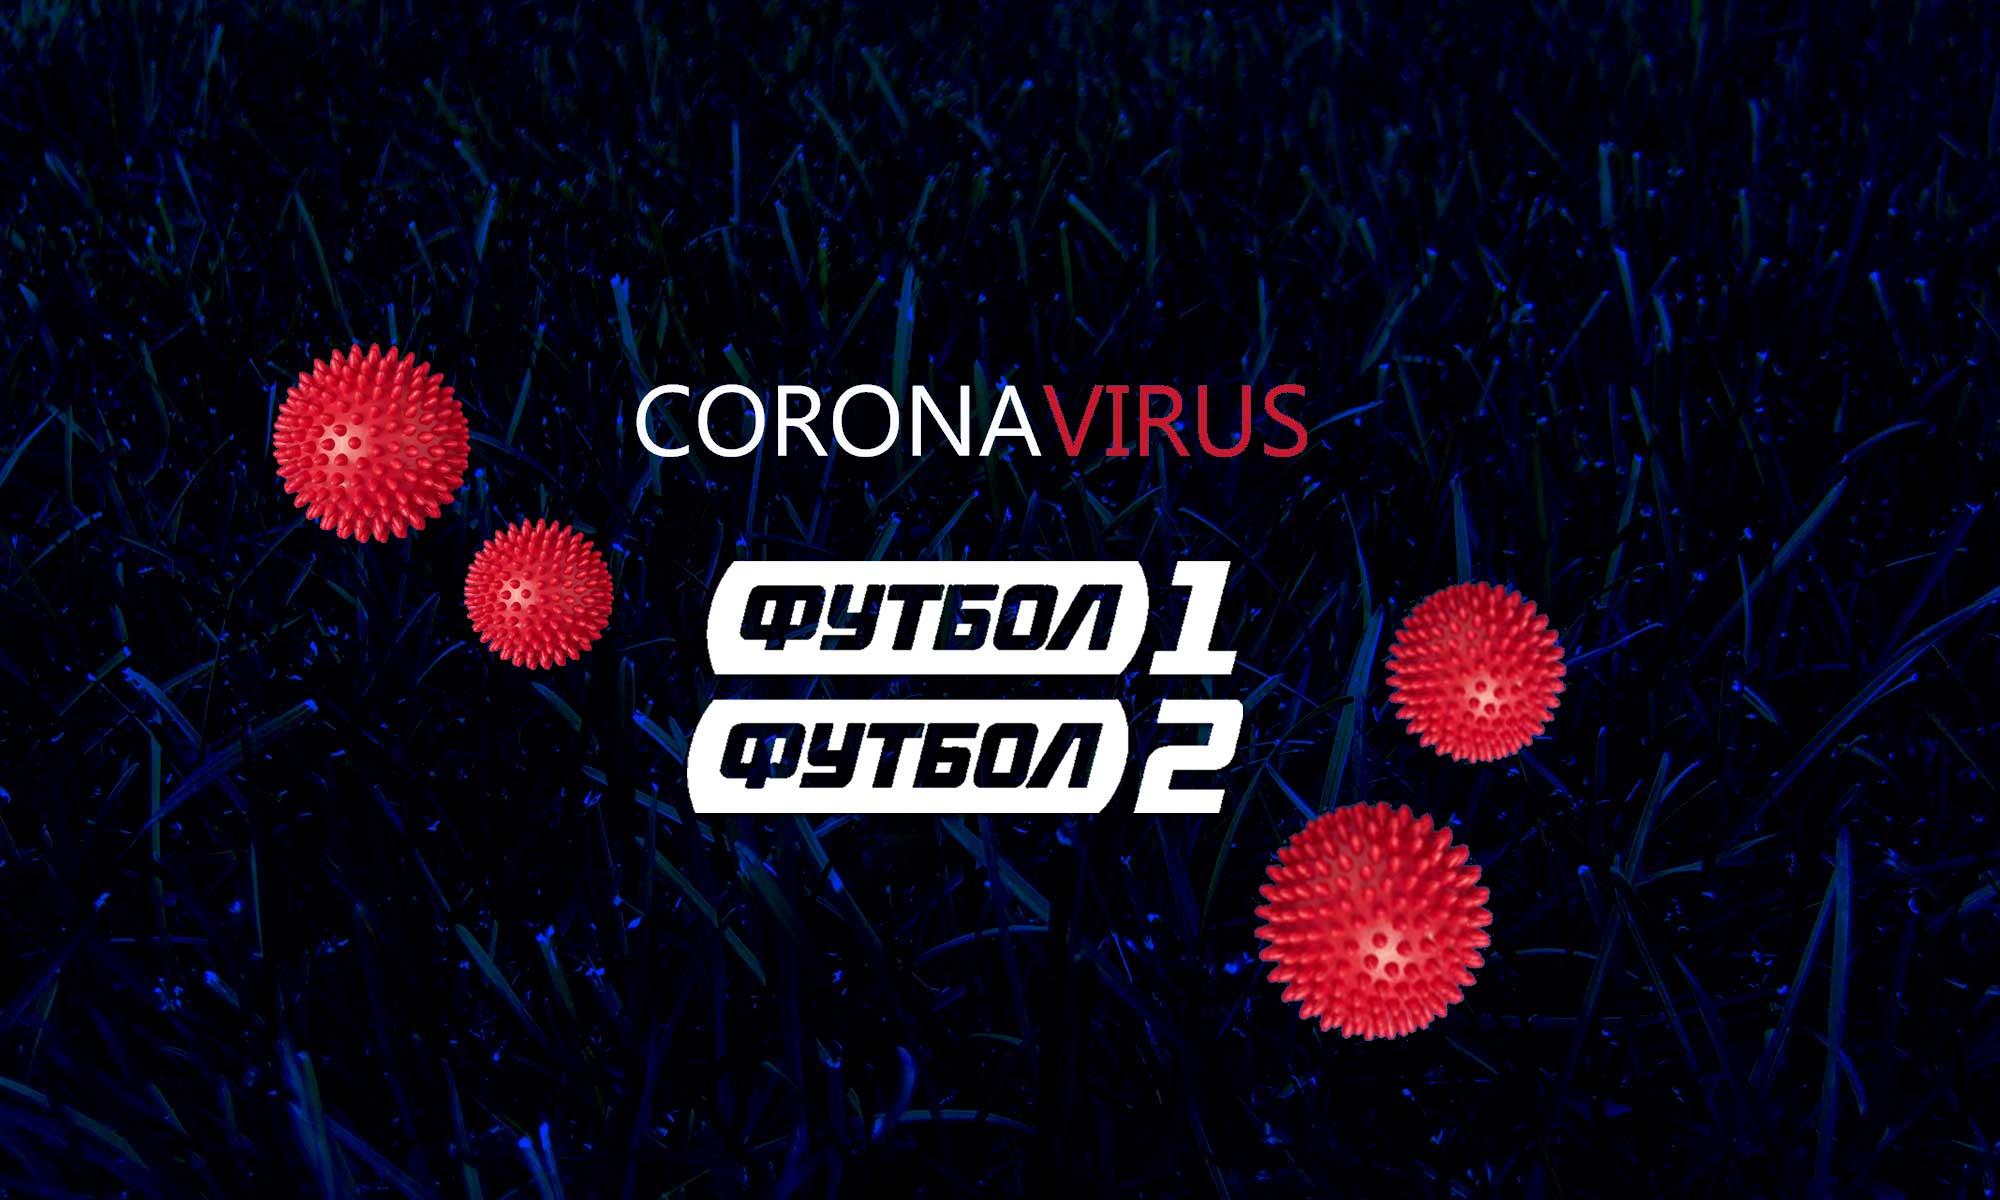 телеканал футбол 1/2 коронавирус